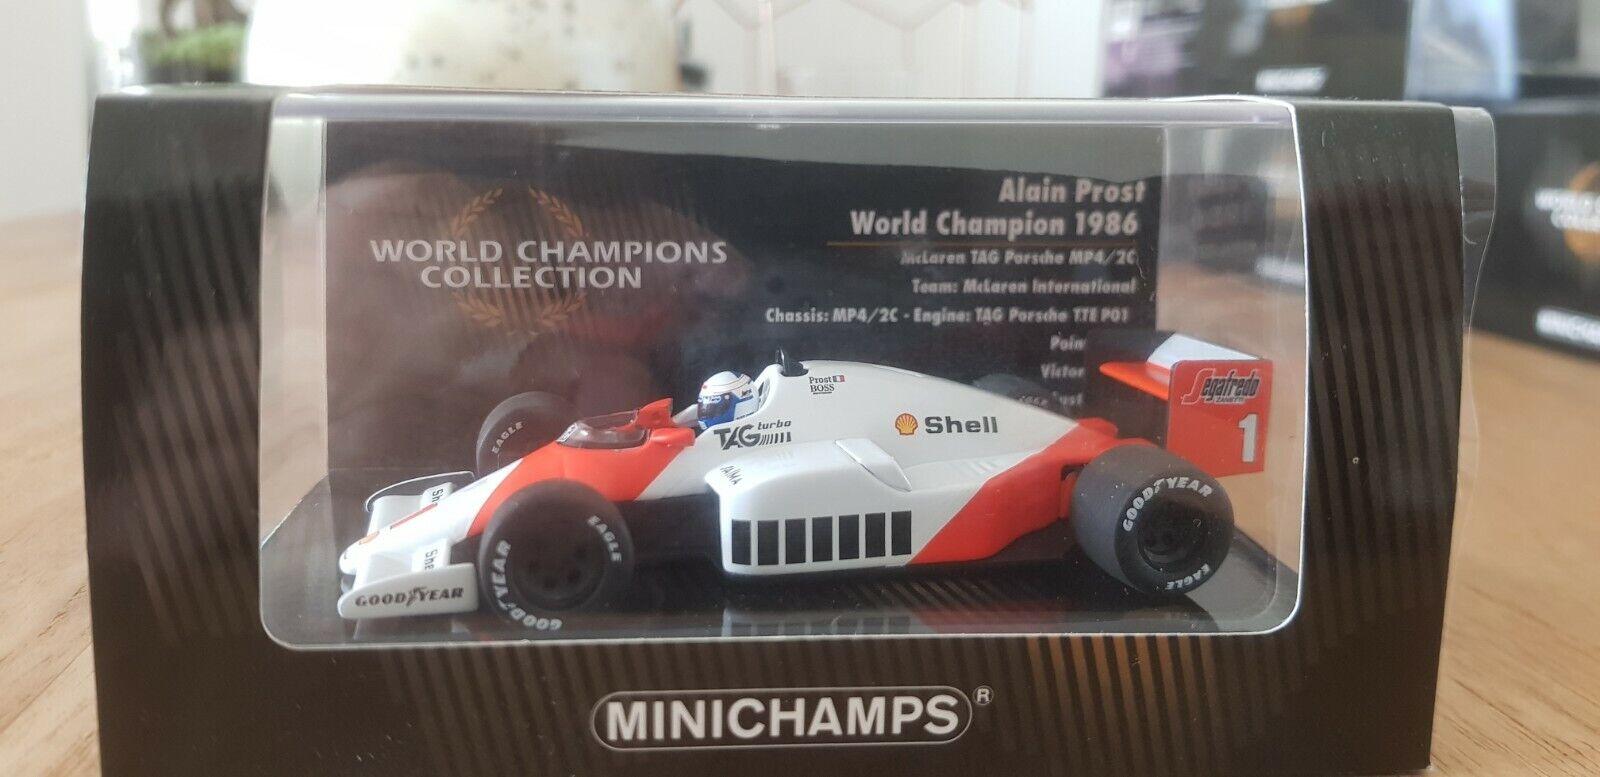 Minichamps - Alain Prost  - McLaren - Mp4 2C - 1 43 - 1986 - World Champion  jusqu'à 70% de réduction